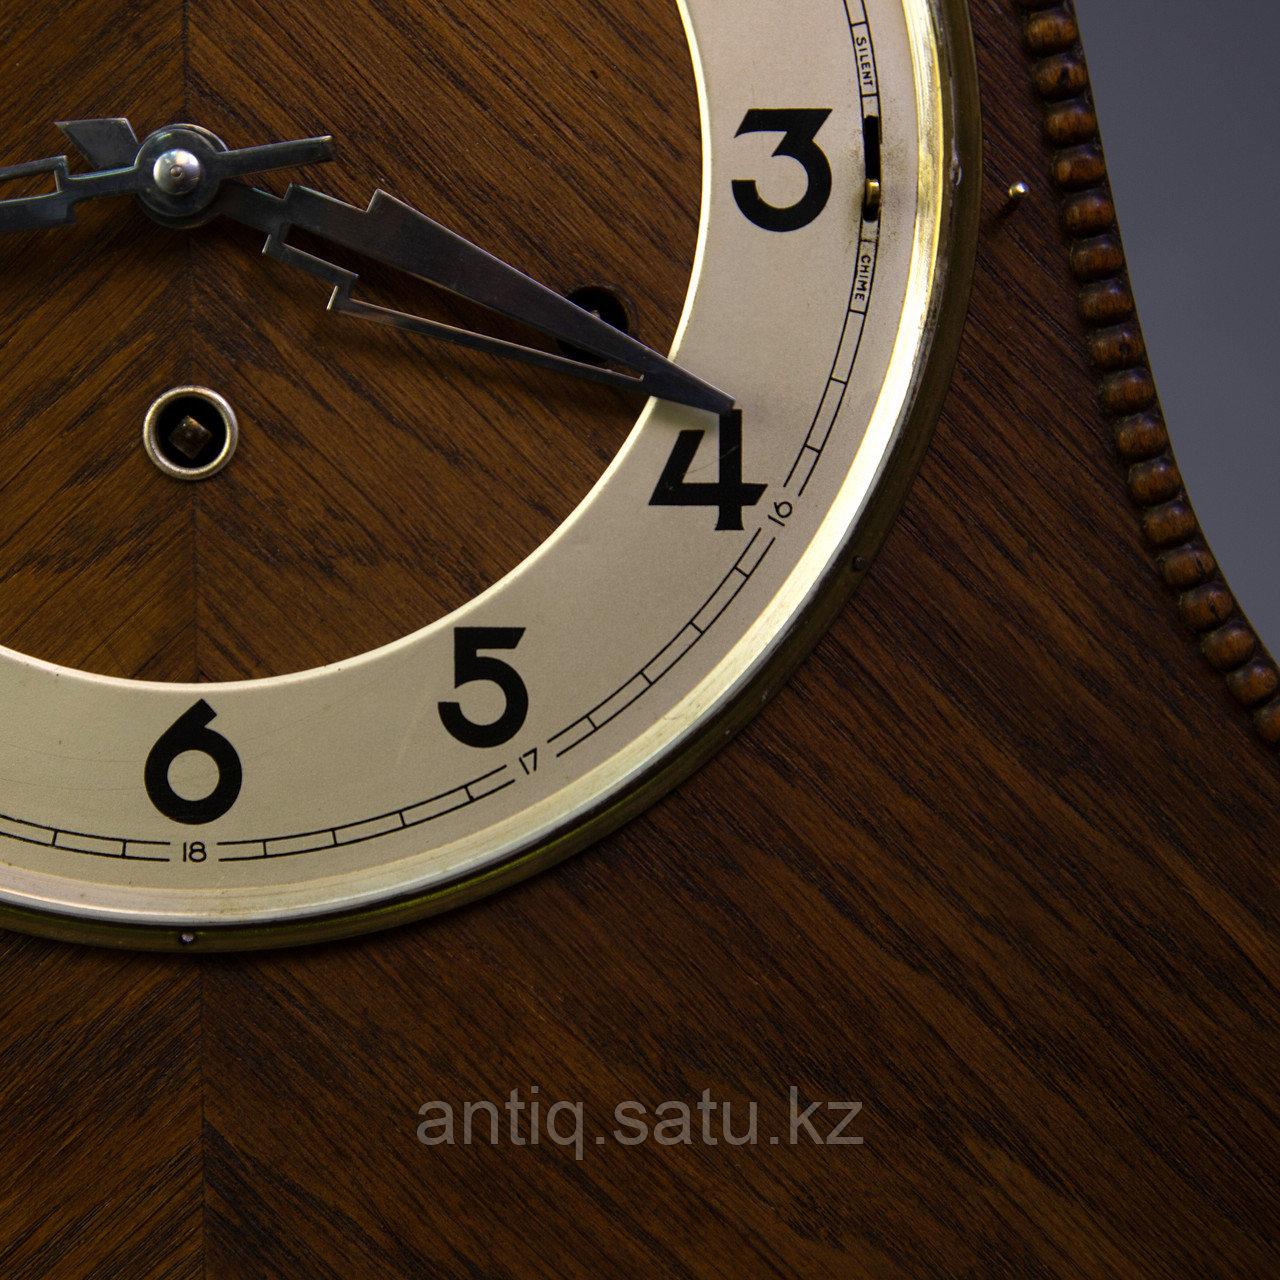 Настольные часы, Германия, I пол. ХХ века. - фото 7